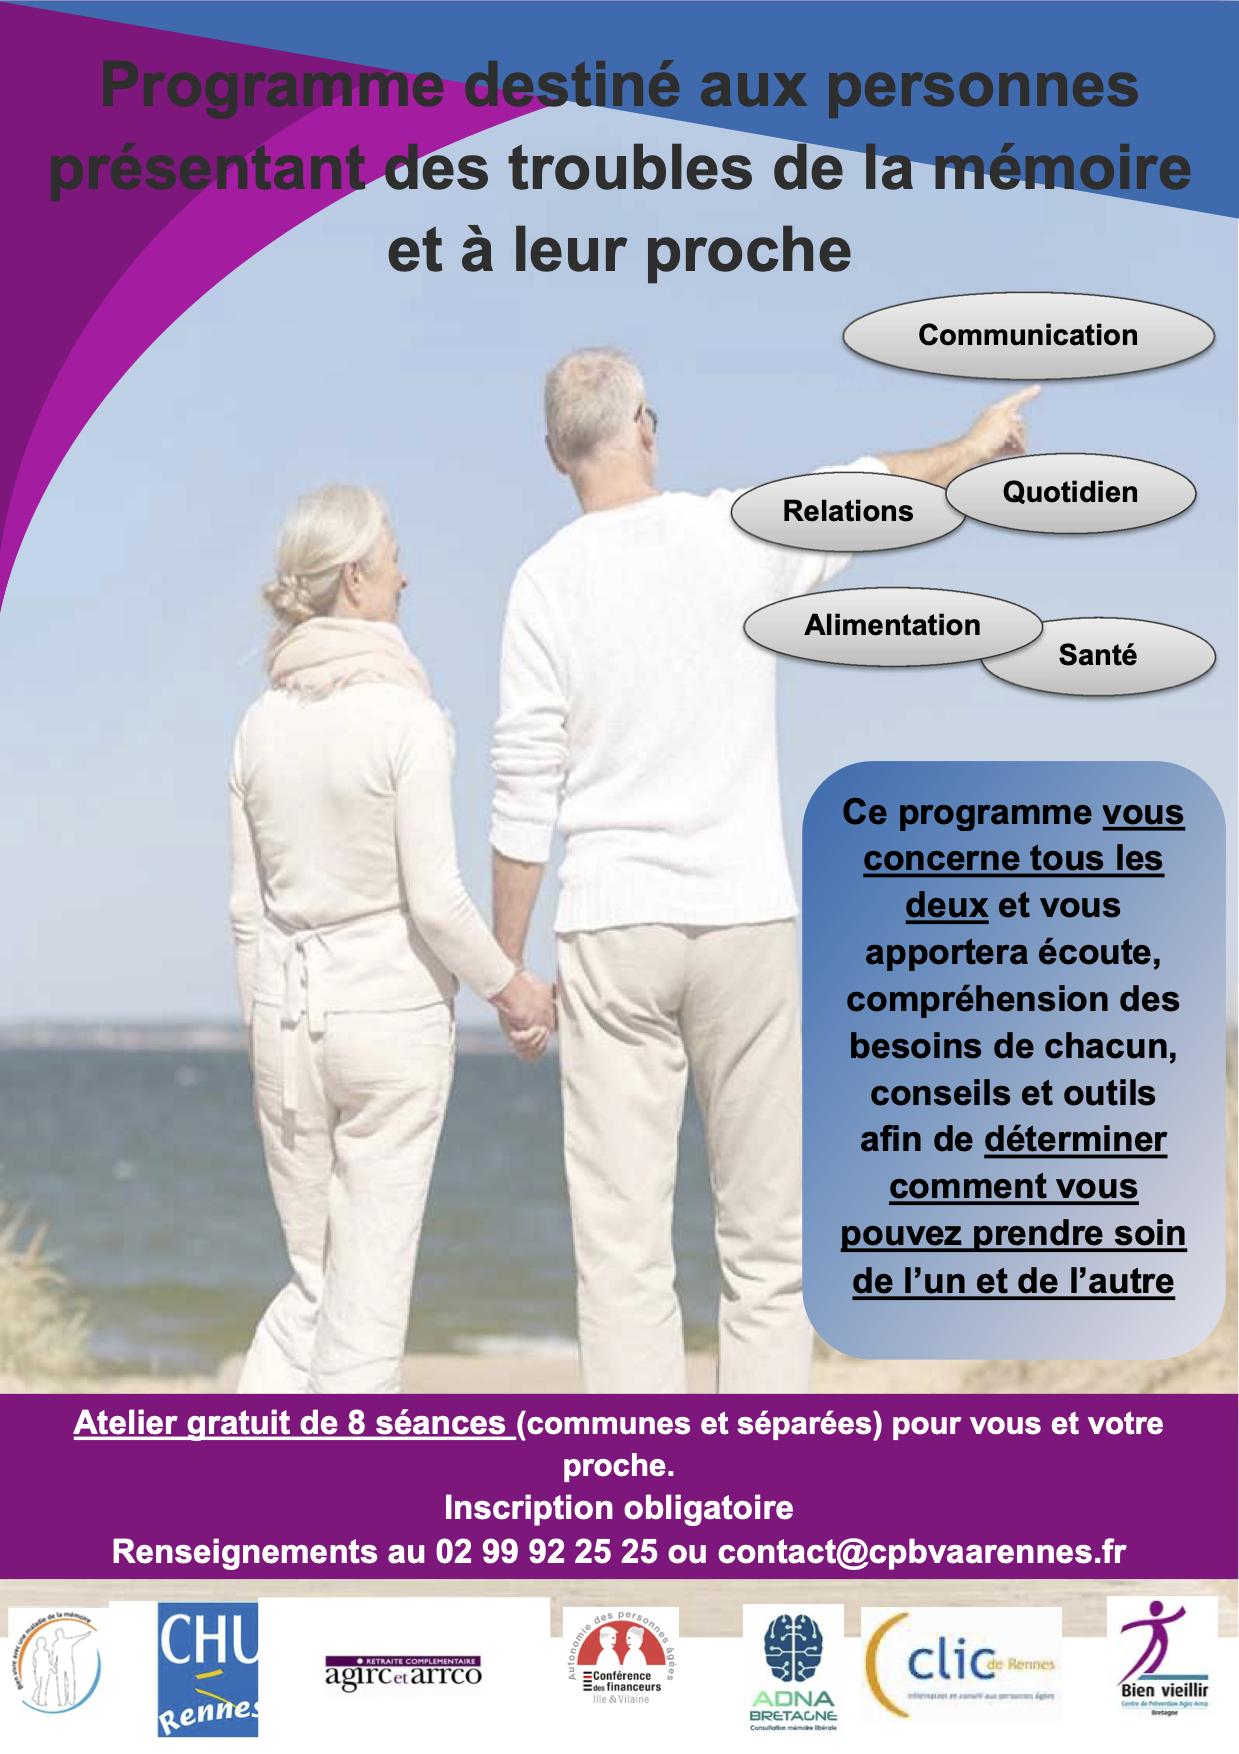 Centre de prévention Bien Vieillir Agirc-Arrco Bretagne